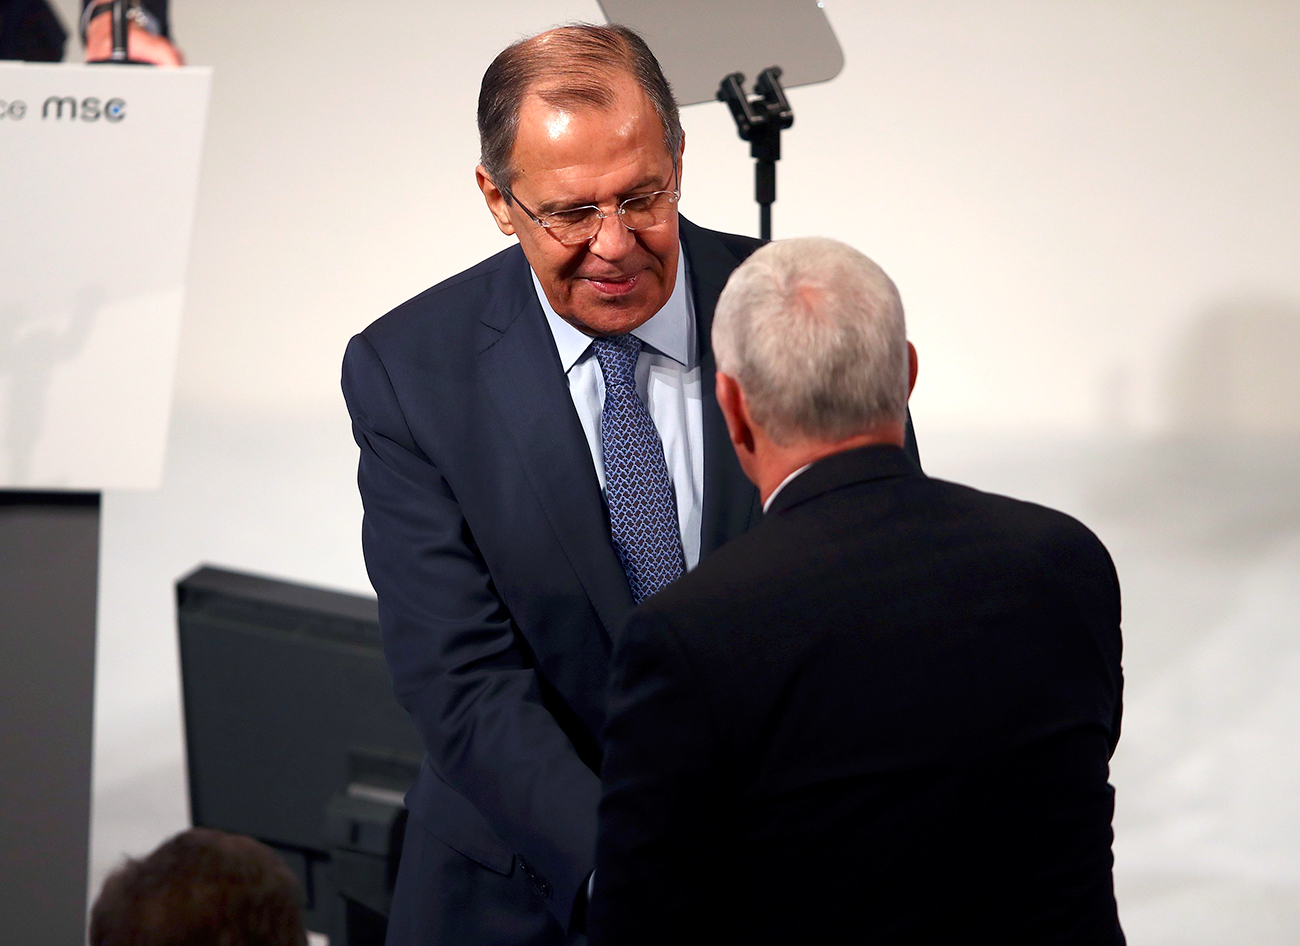 Ruski zunanji minister Sergej Lavrov in podpredsednik ZDA Mike Pence se rokujeta na 53. Münchenski varnostni konferenci, 18. februar 2017.